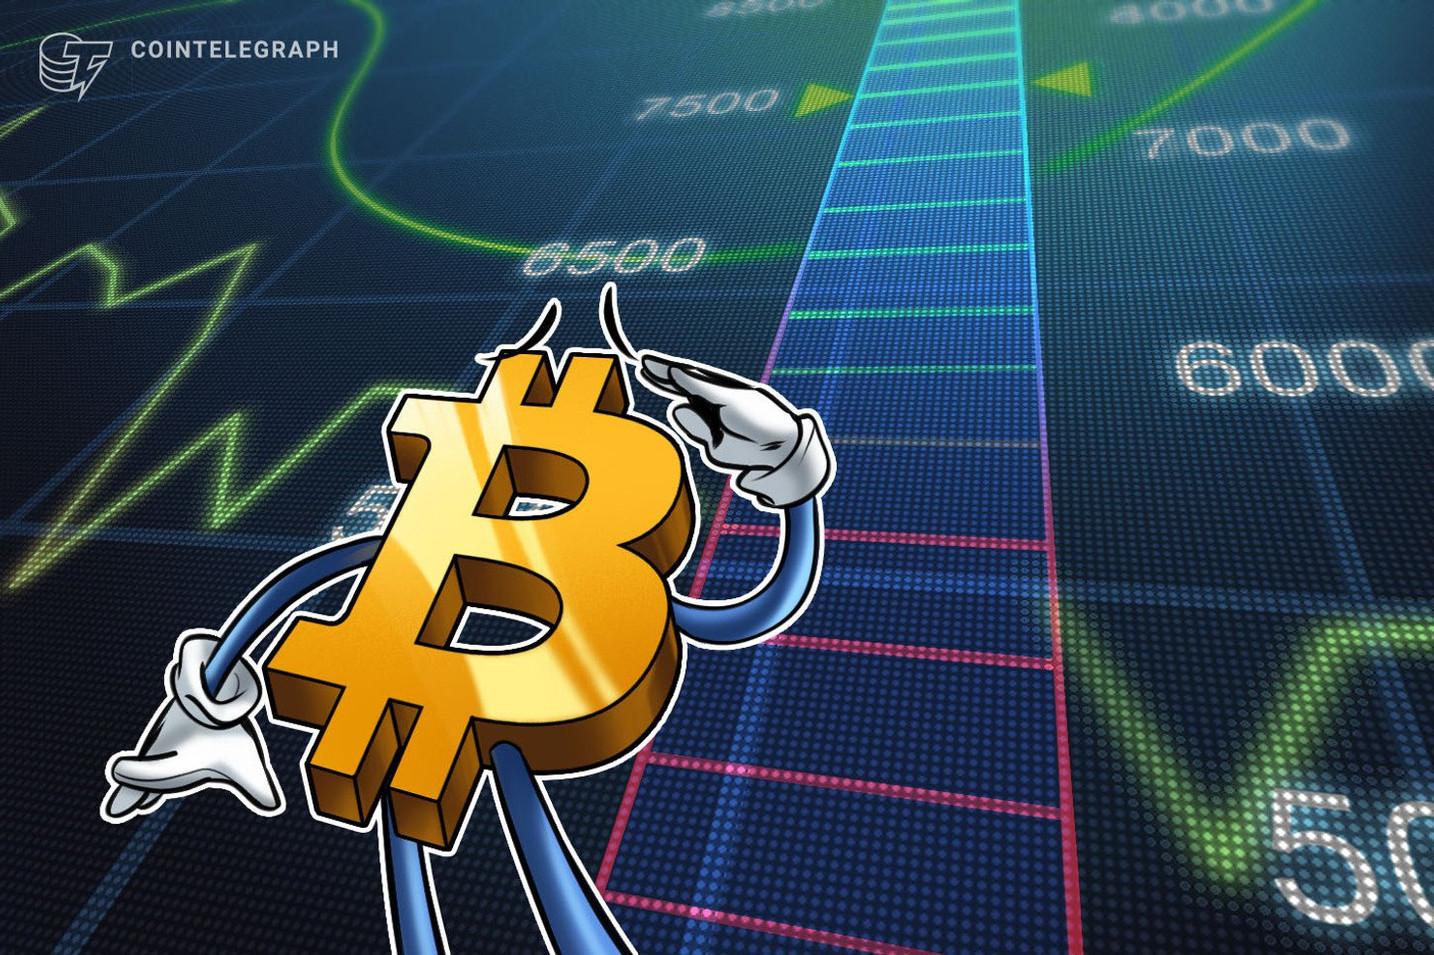 CMEのBTC先物の取引高、大手取引所の現物上回る|ビットコインは年初来高値更新中 仮想通貨相場をけん引